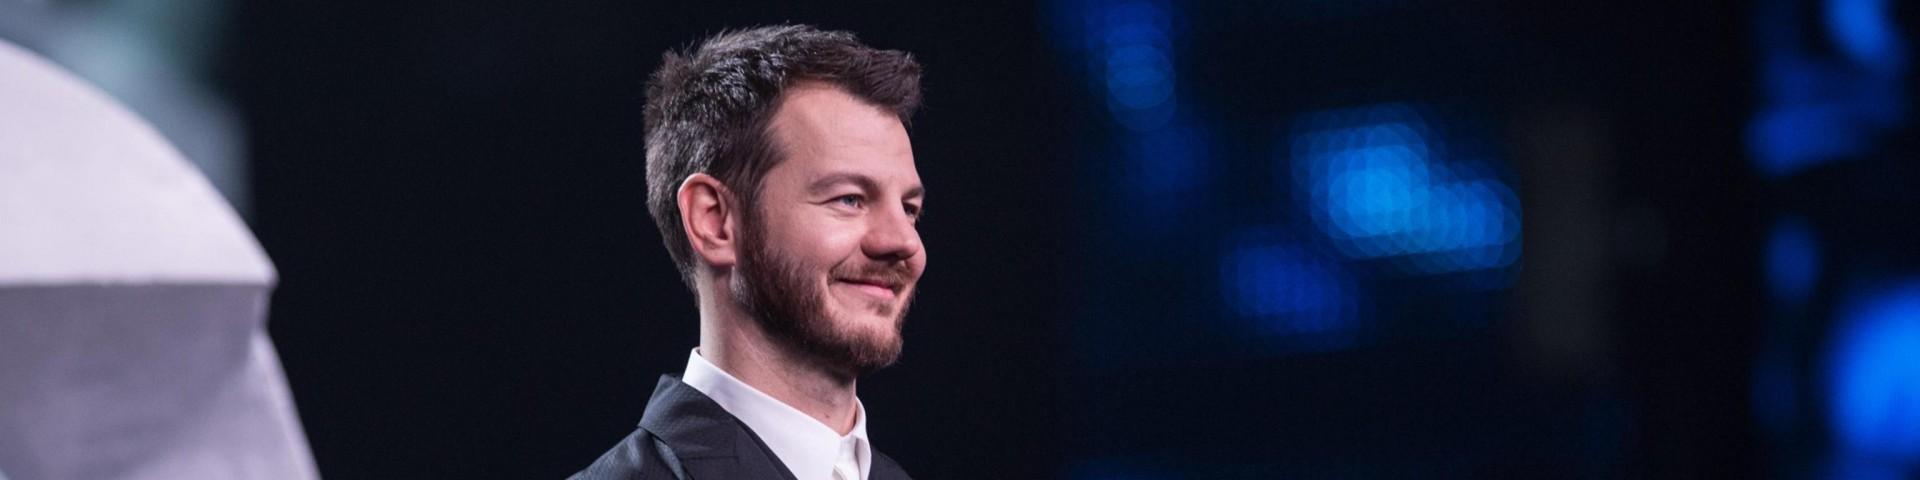 Alessandro Cattelan conduttore di Sanremo 2020? Il commento di Fiorello